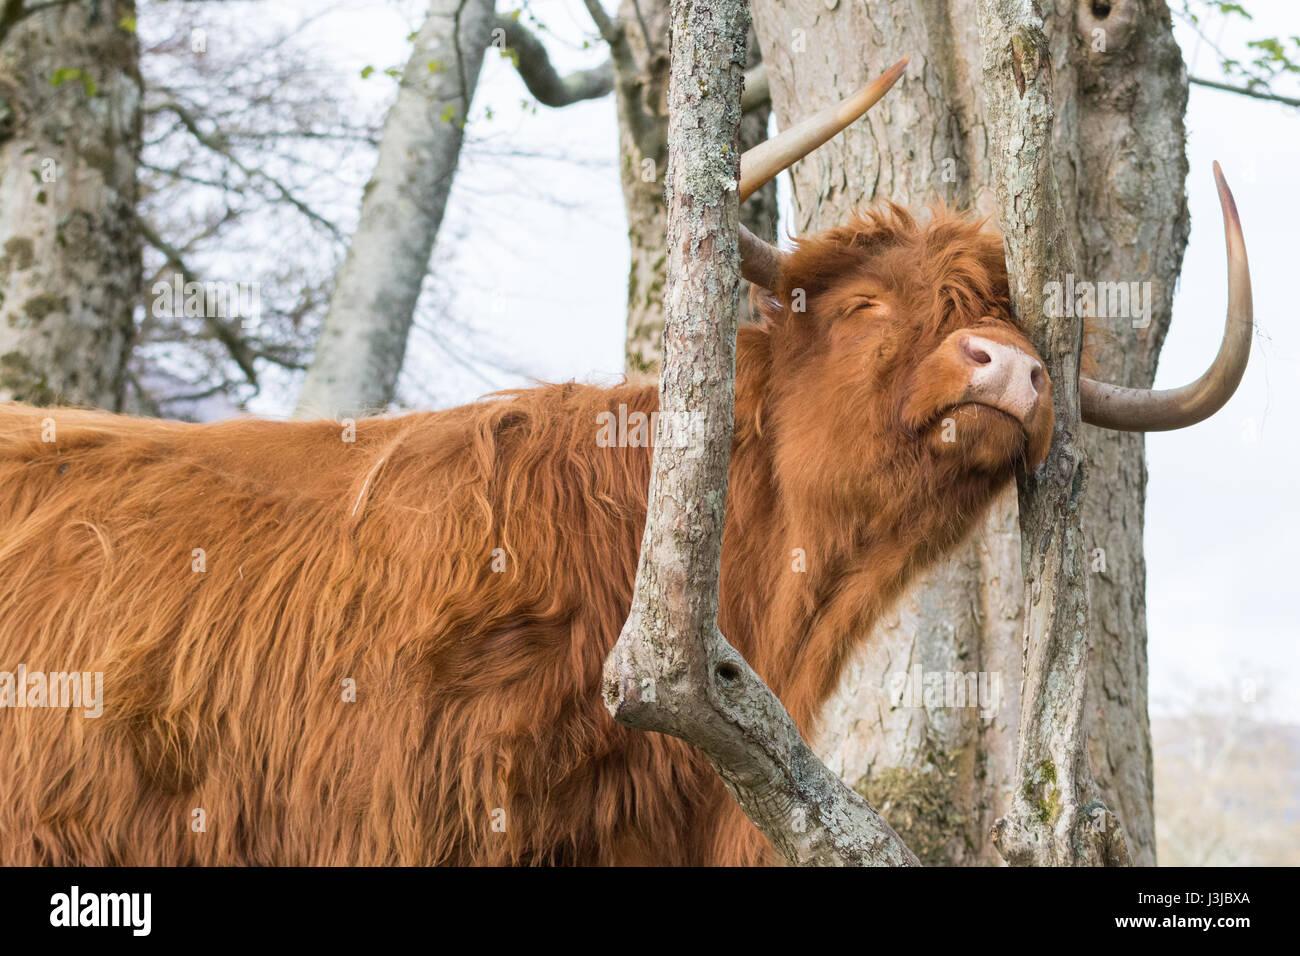 Bliss - una mucca highland guardando beatamente felice come graffi contro un albero Immagini Stock